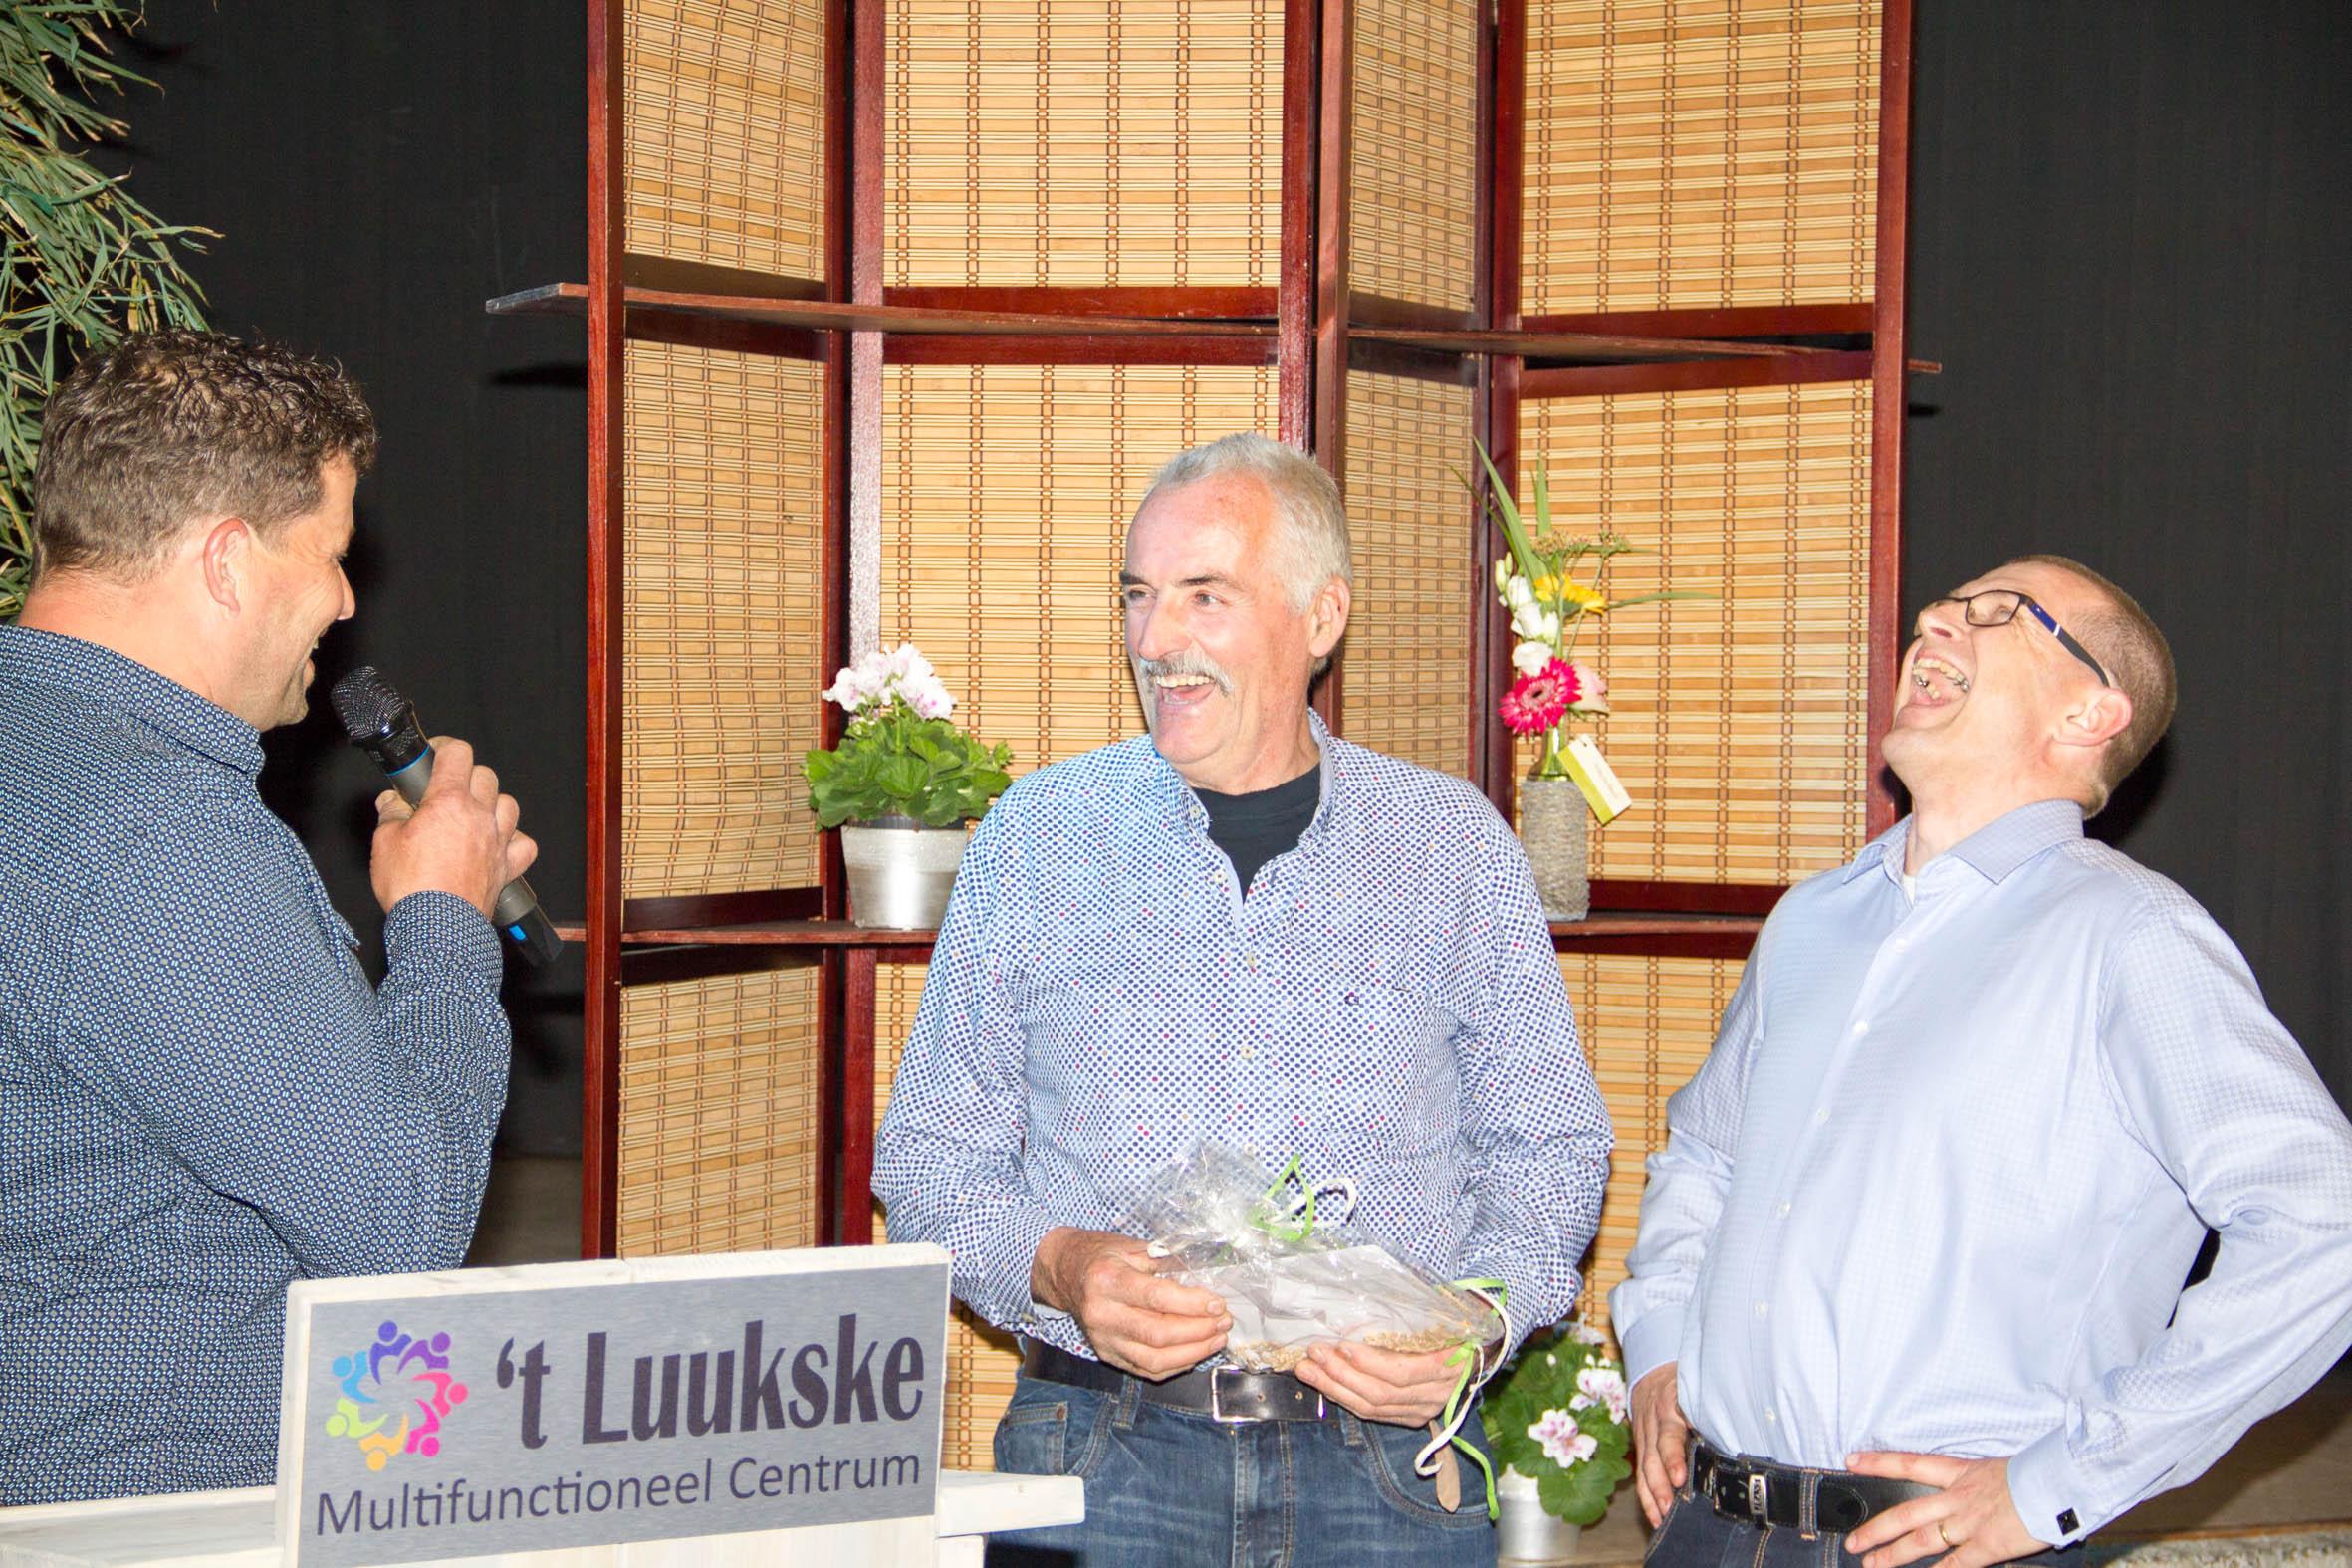 Sjaak en Maurice ontvangen een dinerbon voor hun inzet vanuit het bestuur